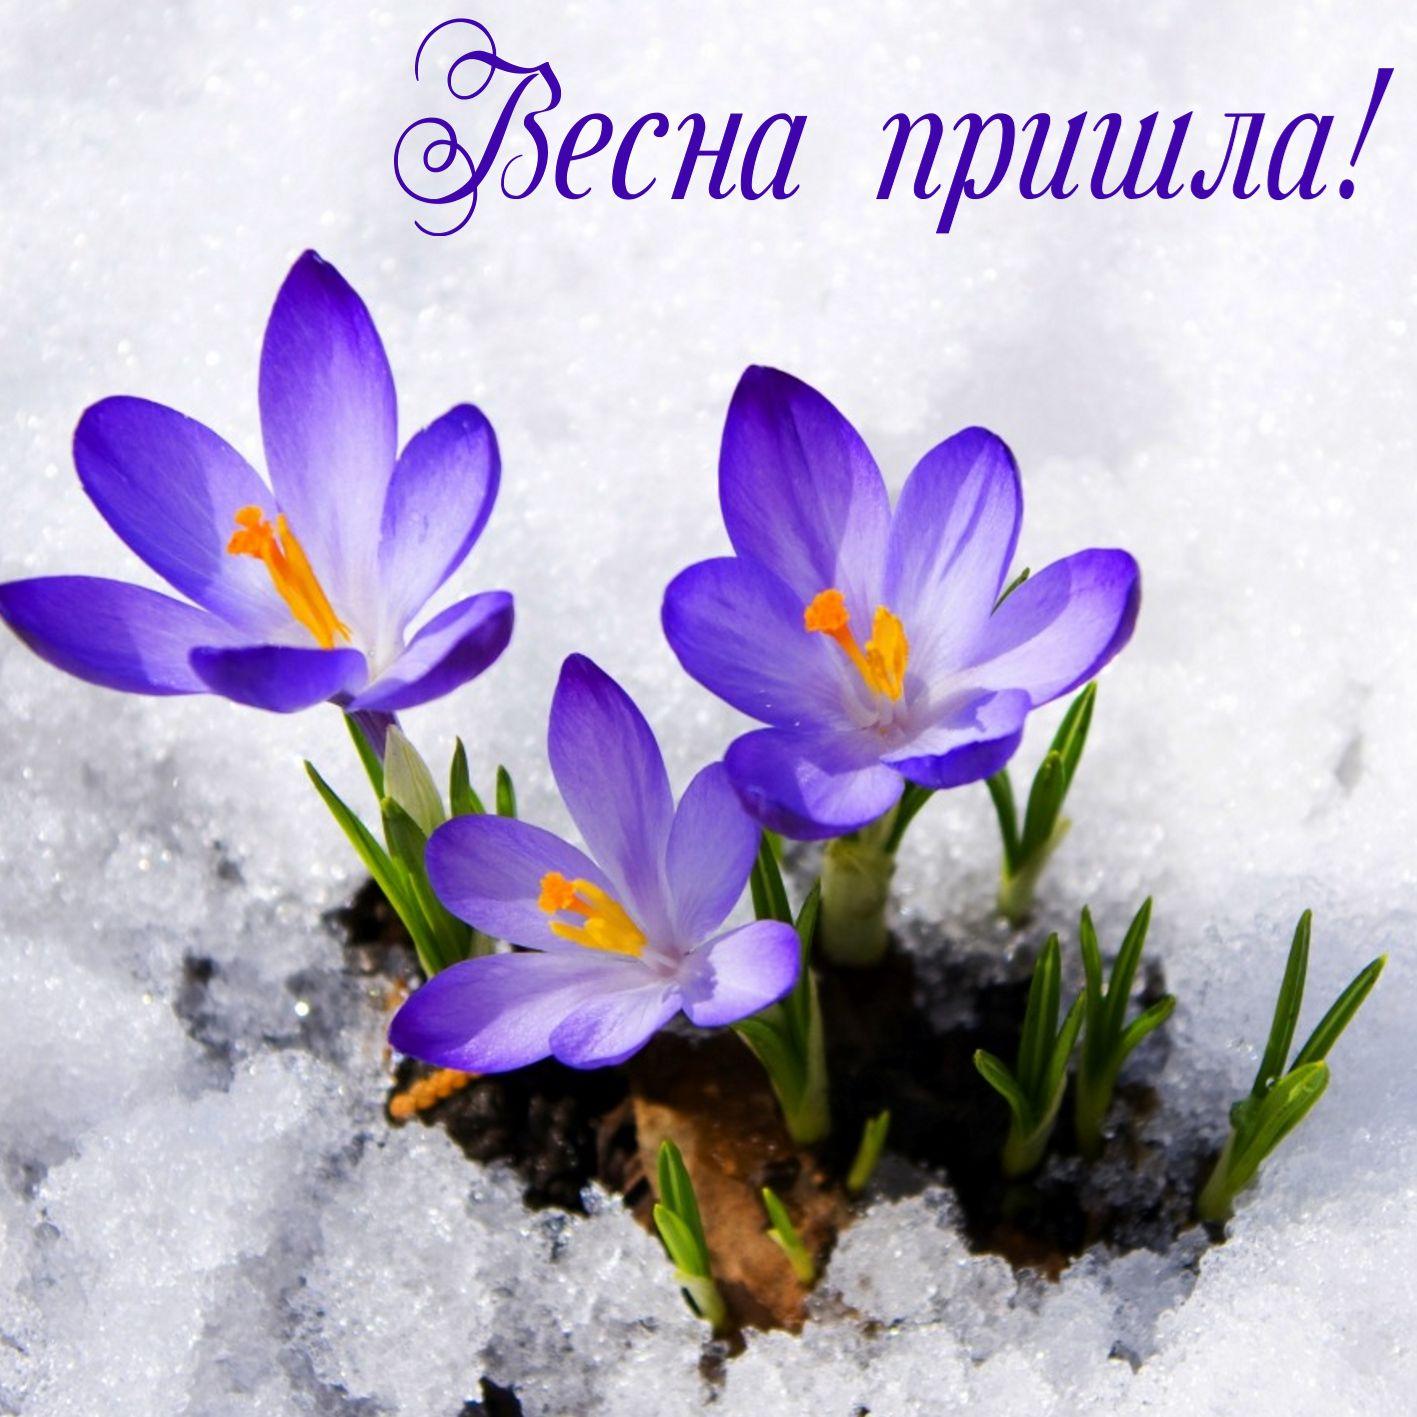 фотки поздравления с первым днем весны предпочла оказаться тобой